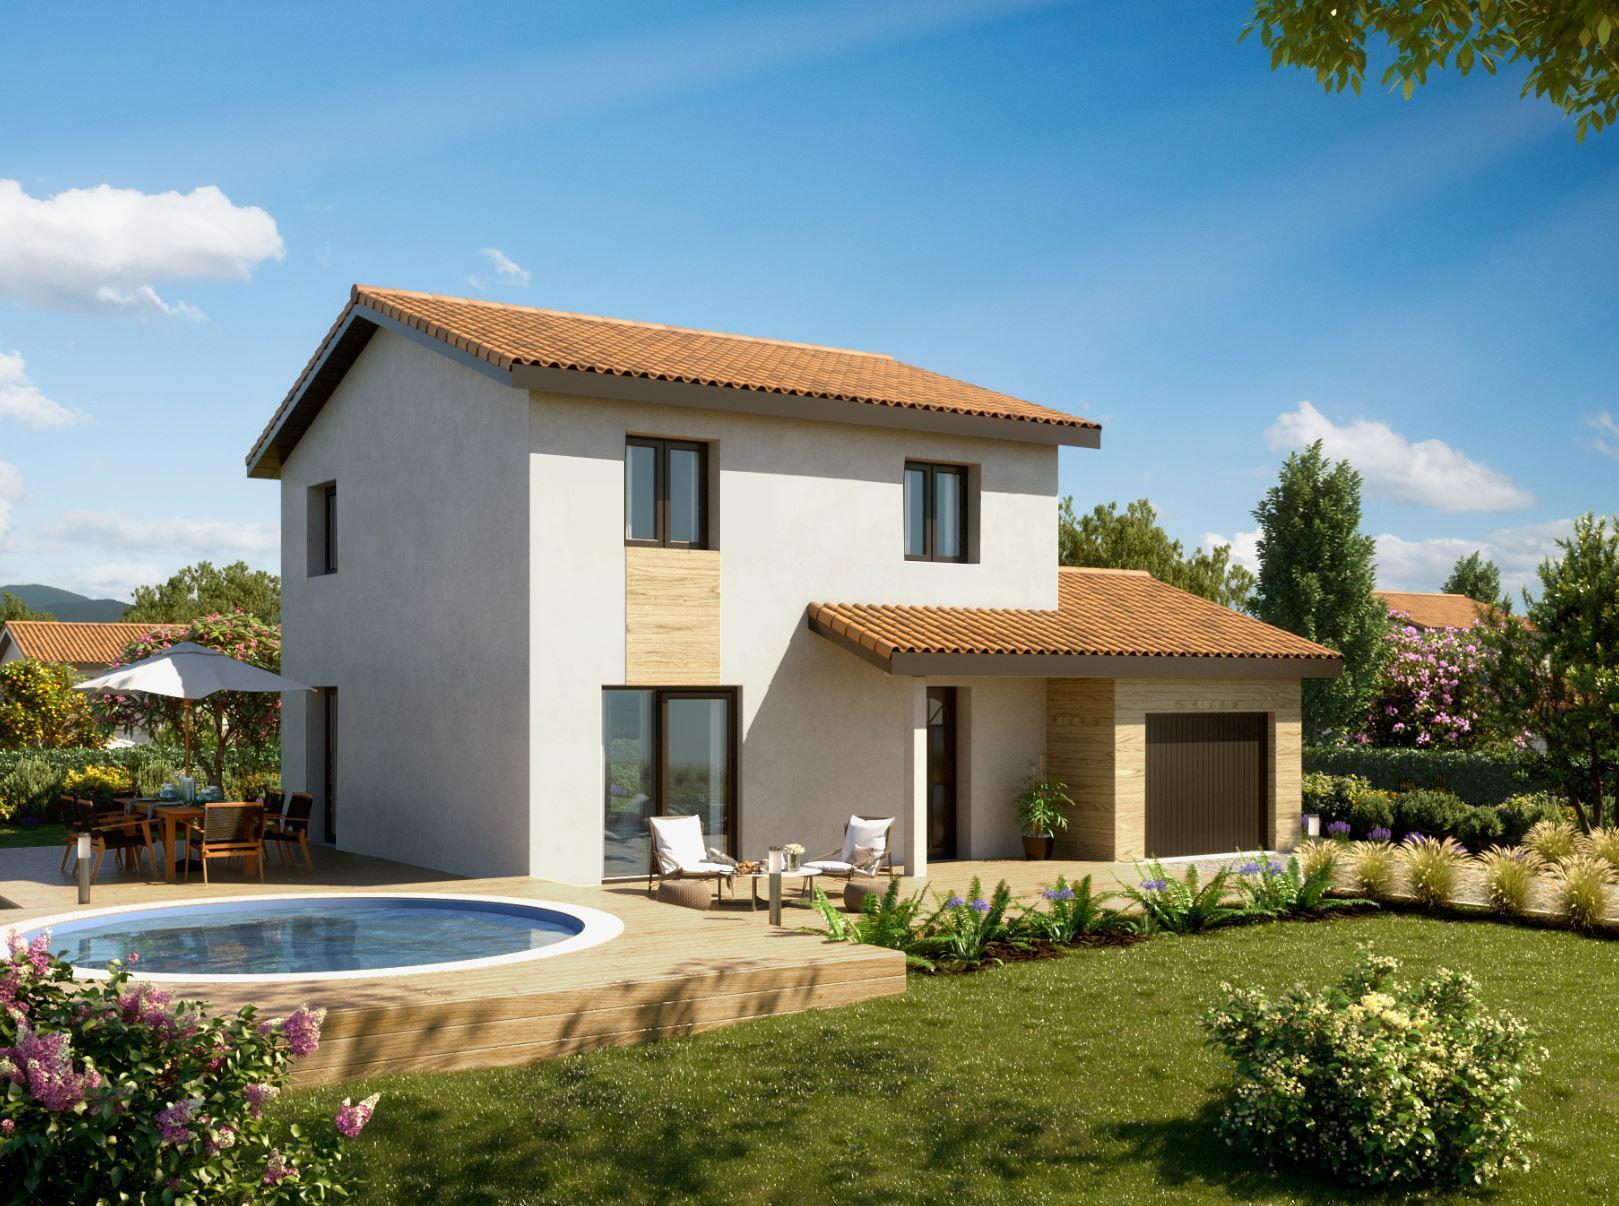 Maisons + Terrains du constructeur MAISONS PUNCH SIEGE SOCIAL • 79 m² • TAPONAS